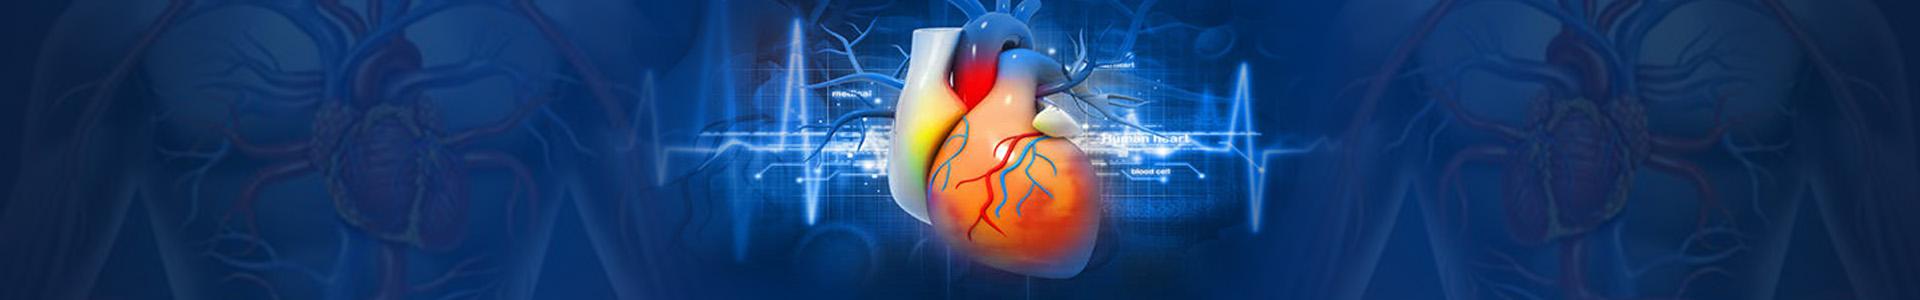 cardiovascular disease peer reviewed journal